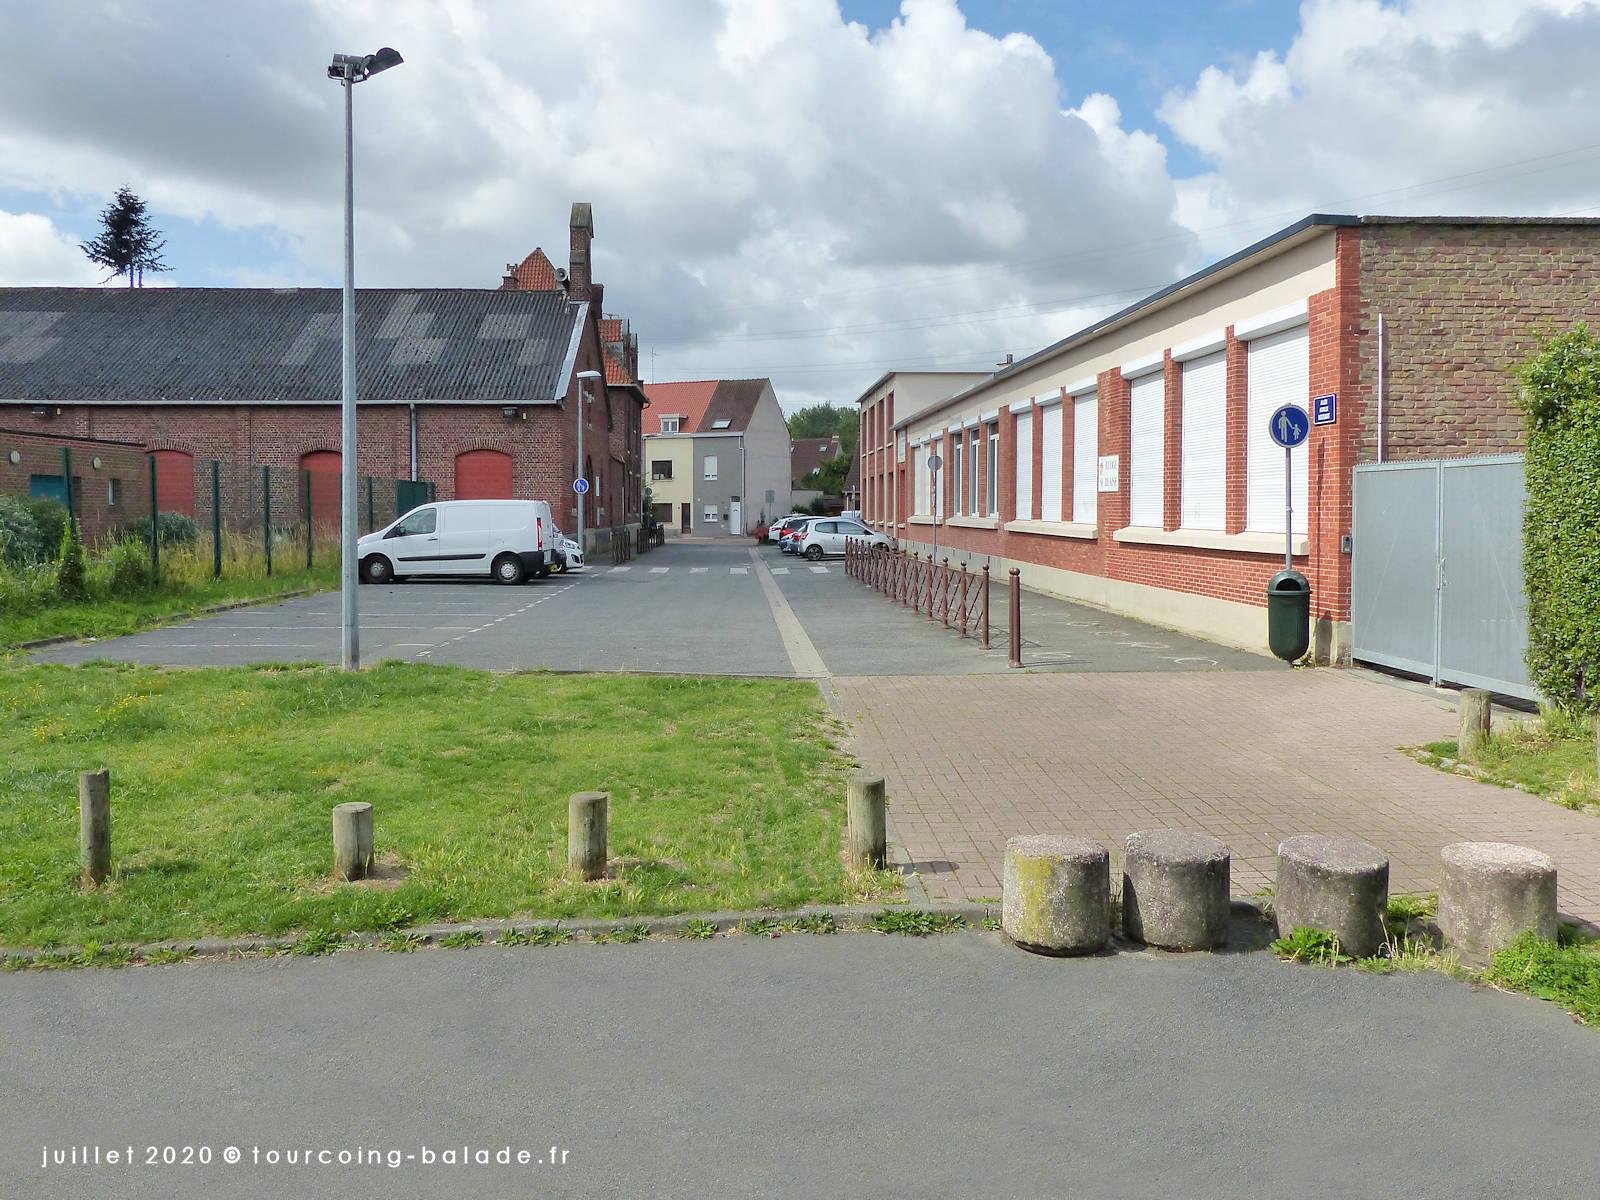 Allée Achille Hodard, Tourcoing 2020